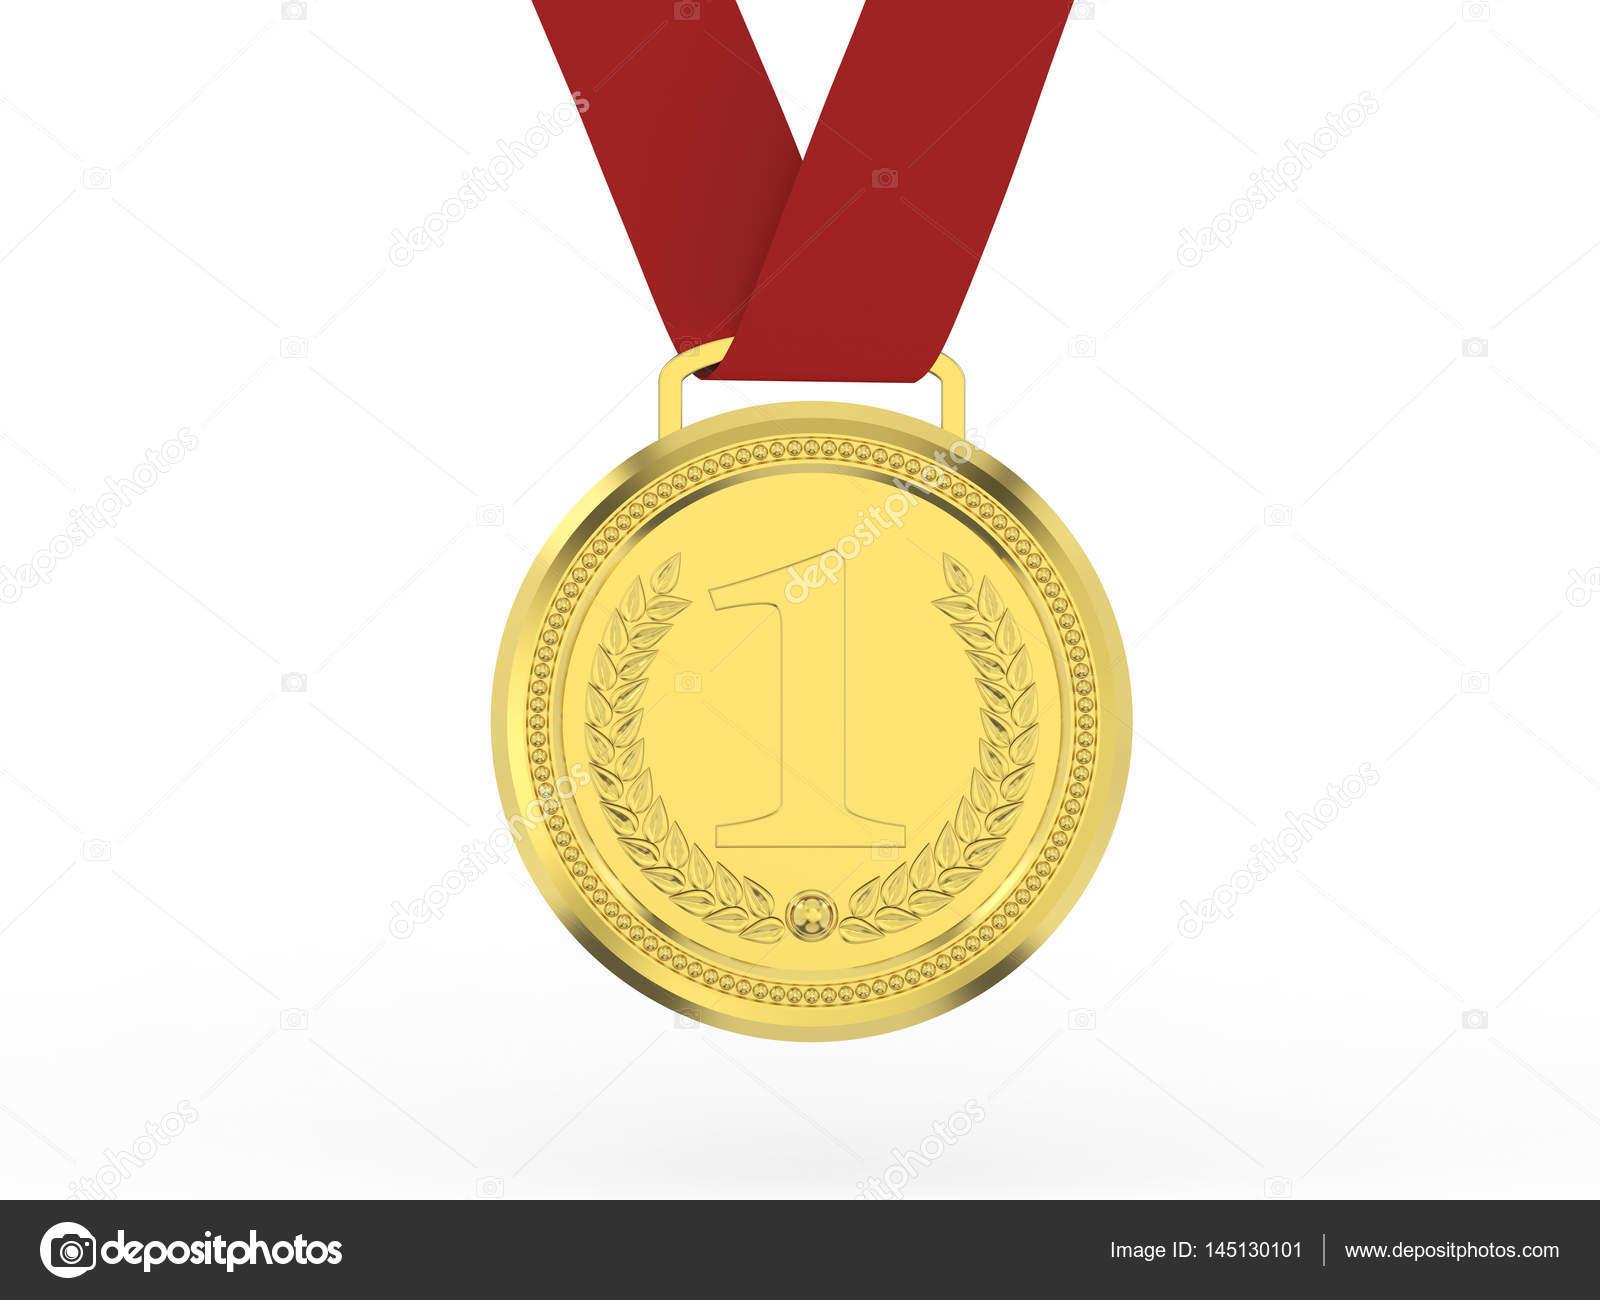 3d 图金奖牌与白色背景上的红丝带– 图库图片